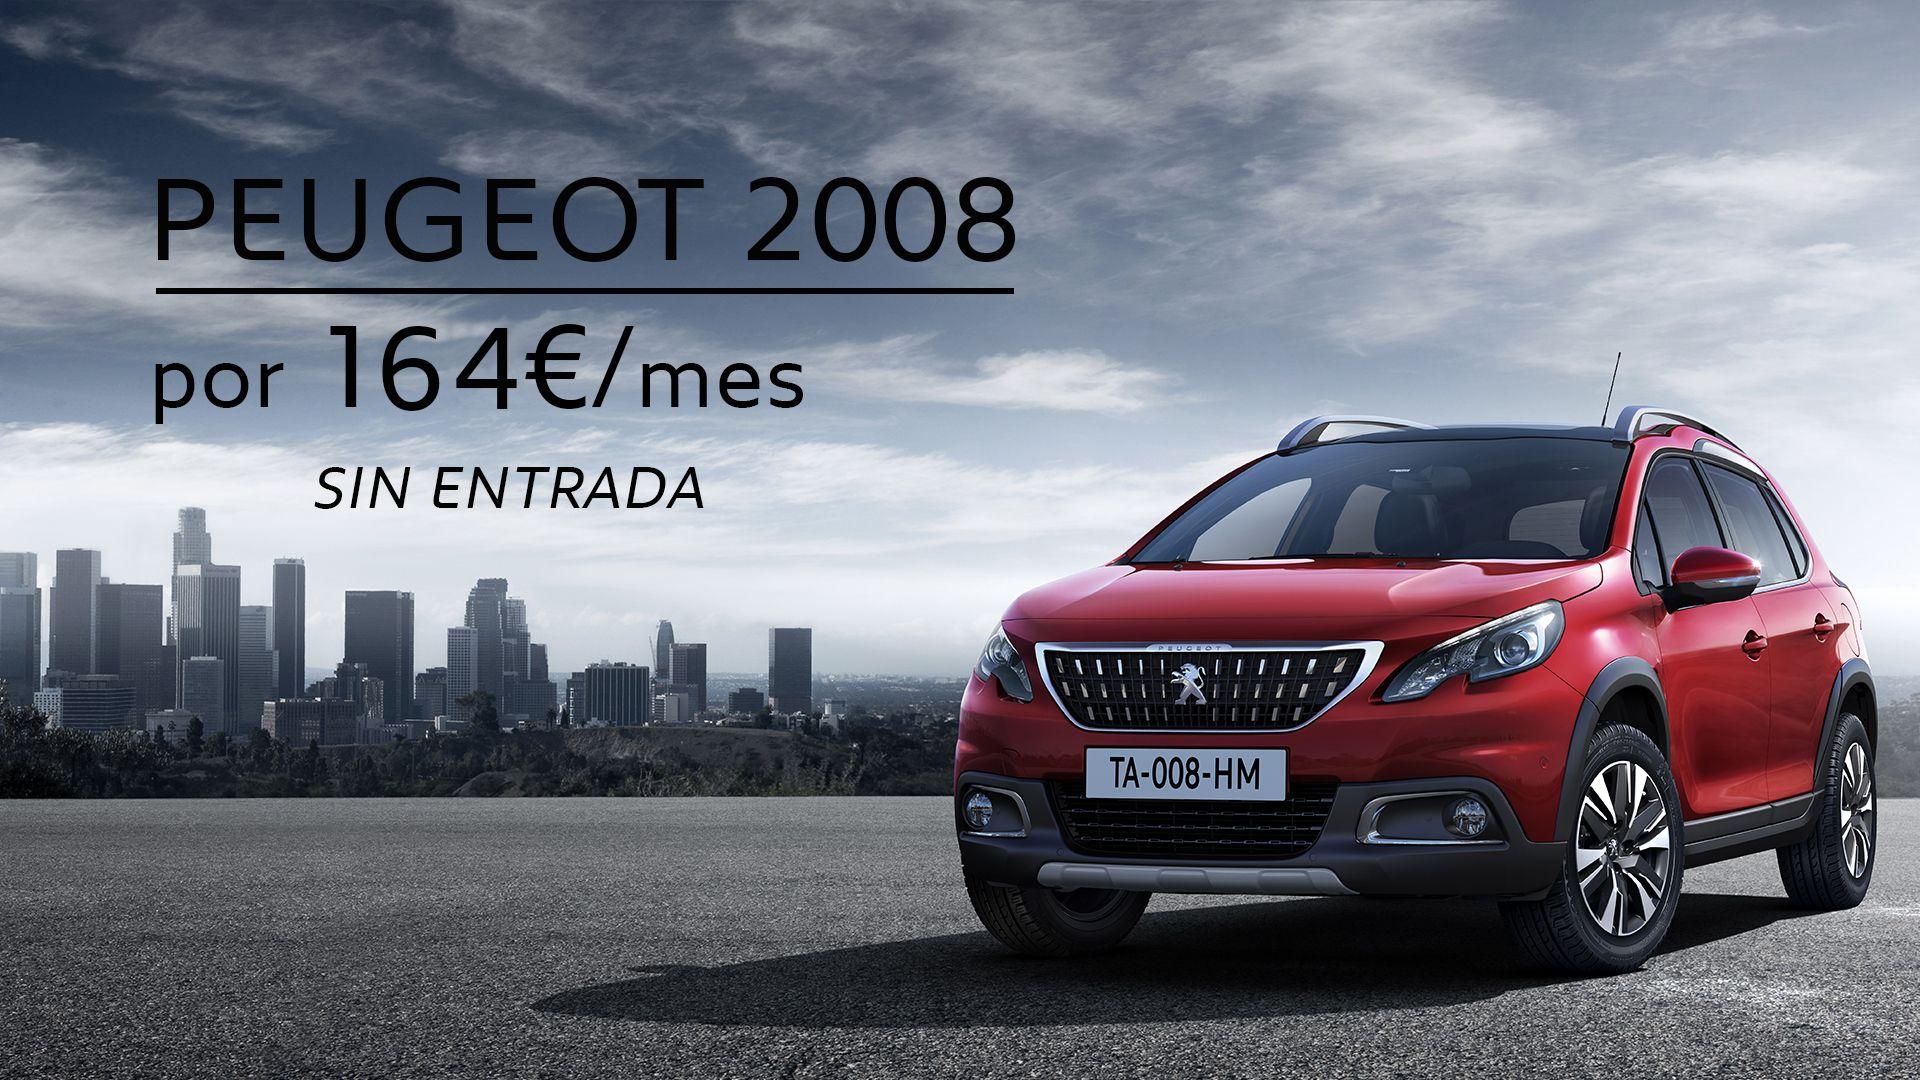 SUV PEUGEOT 2008 POR 164€/MES SIN ENTRADA